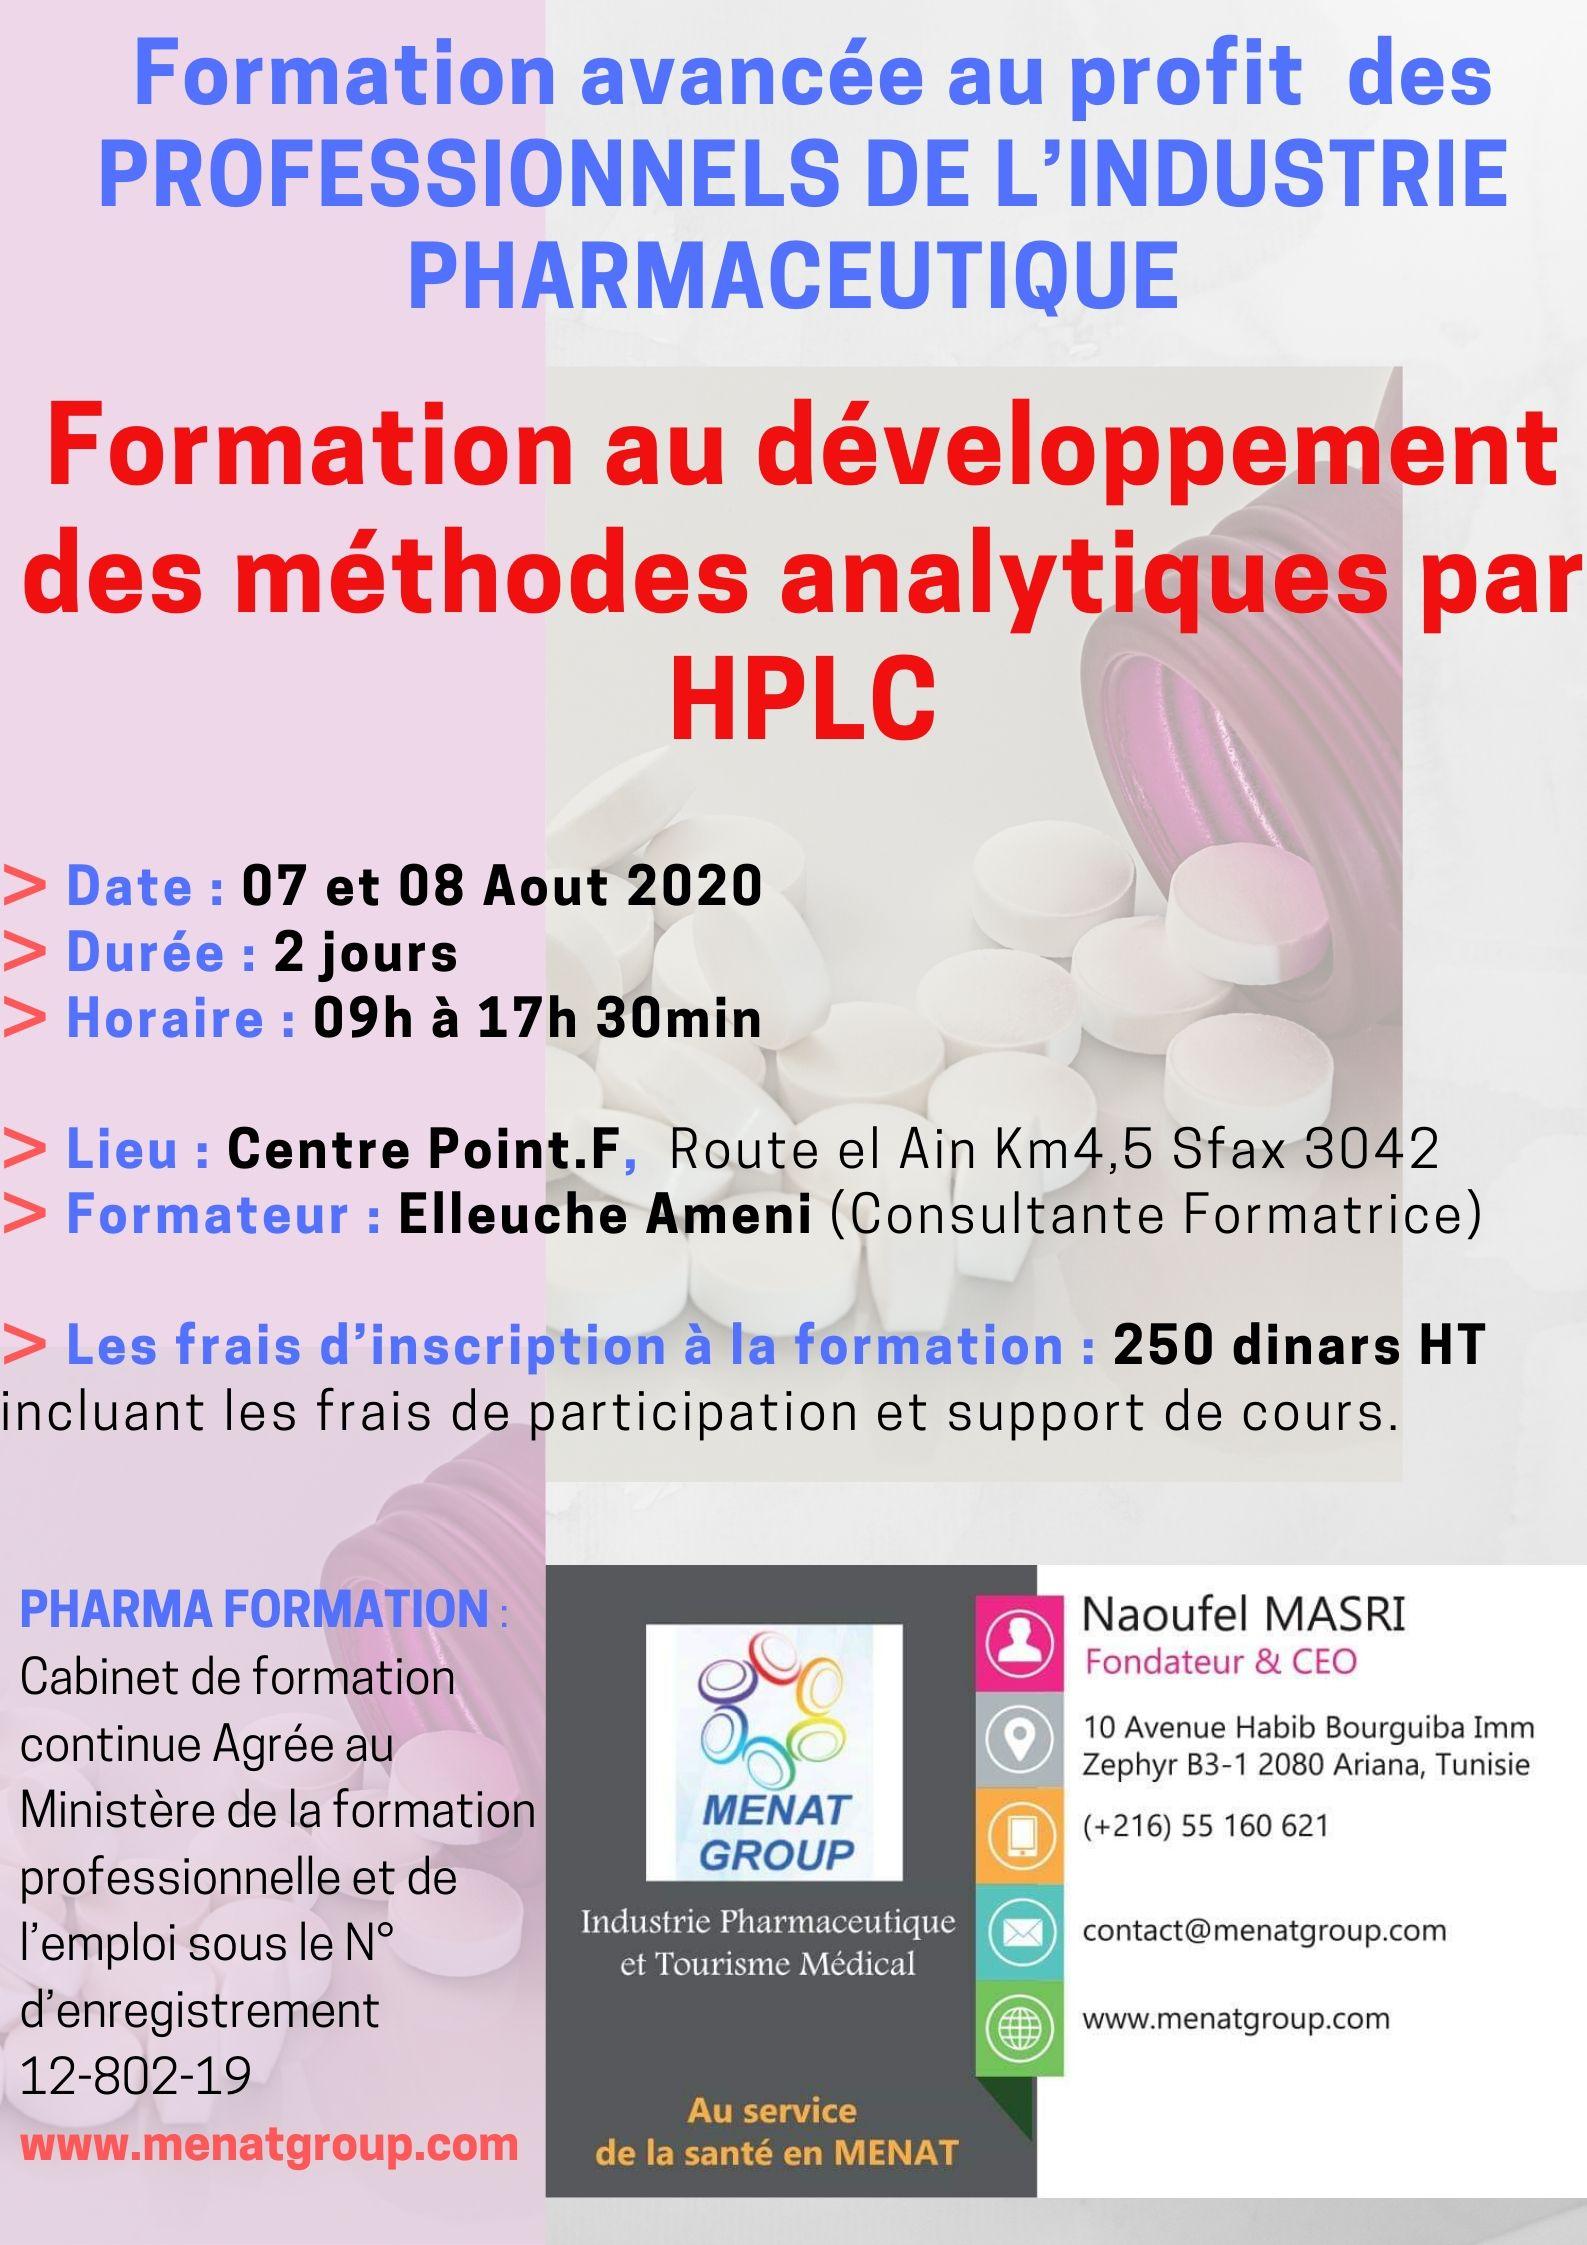 Formation au développement des méthodes analytiques par HPLC